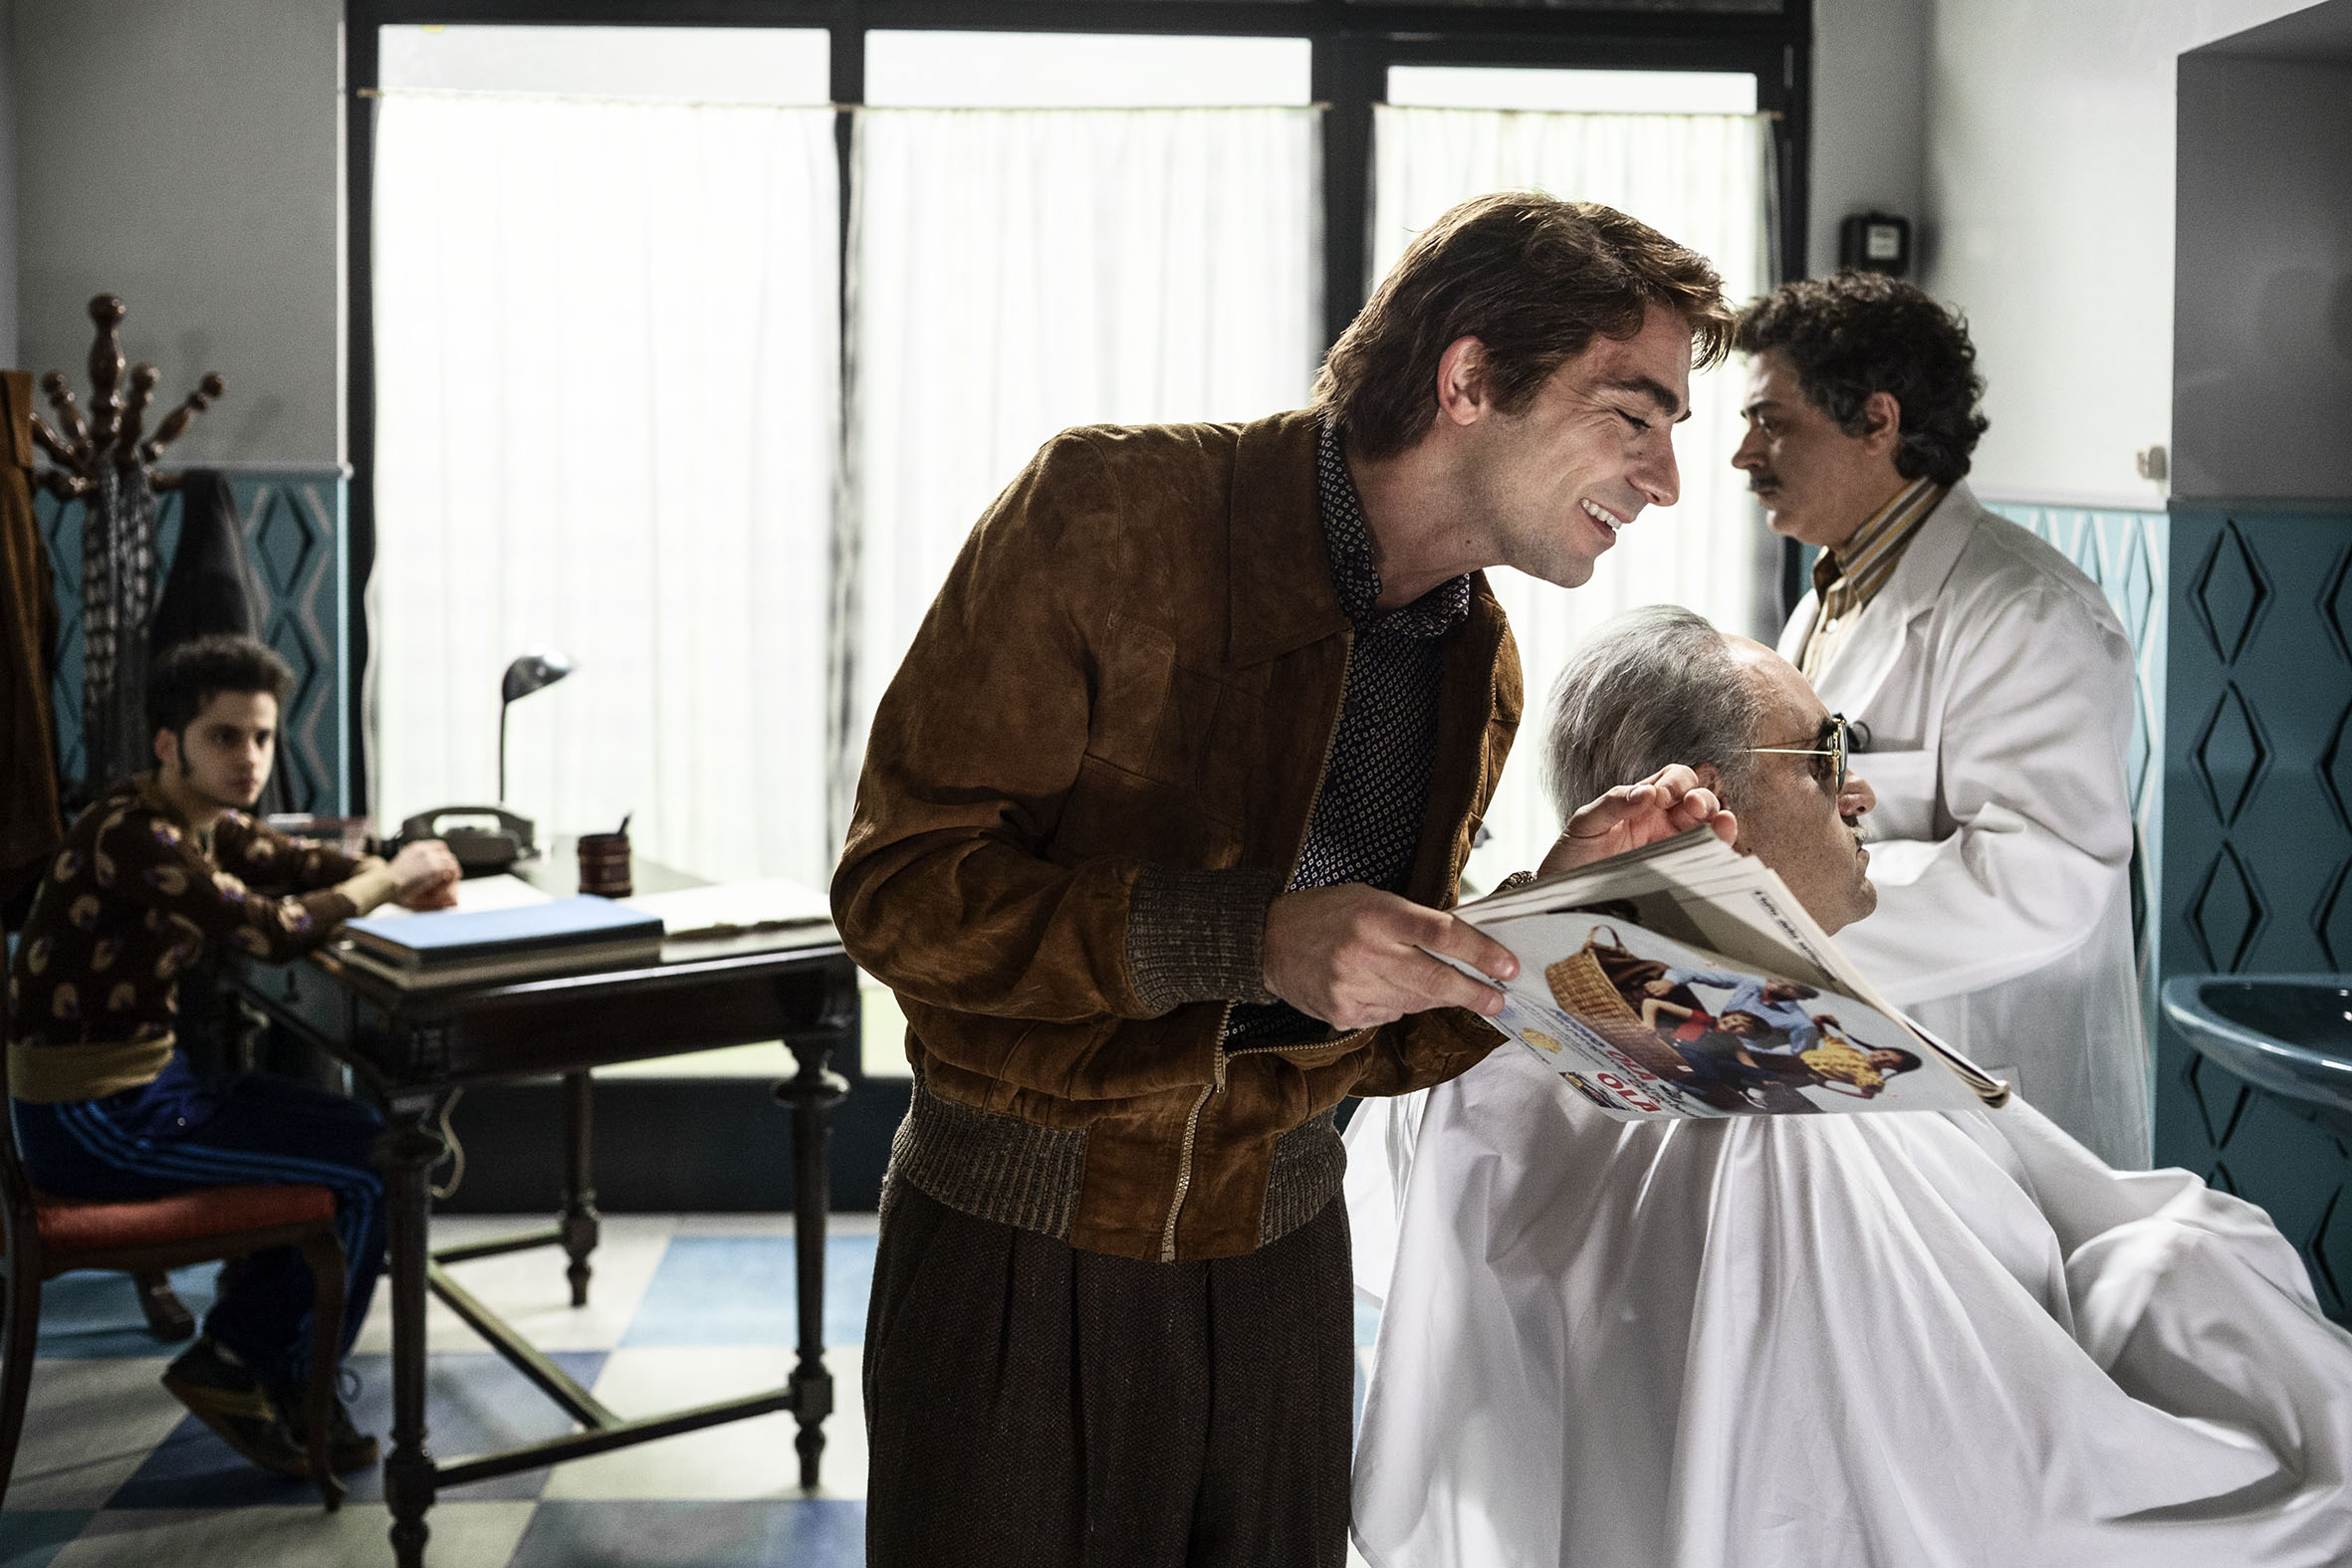 La trattativa: Sabino Civilleri con Franz Cantalupo in una scena del film di Sabina Guzzanti